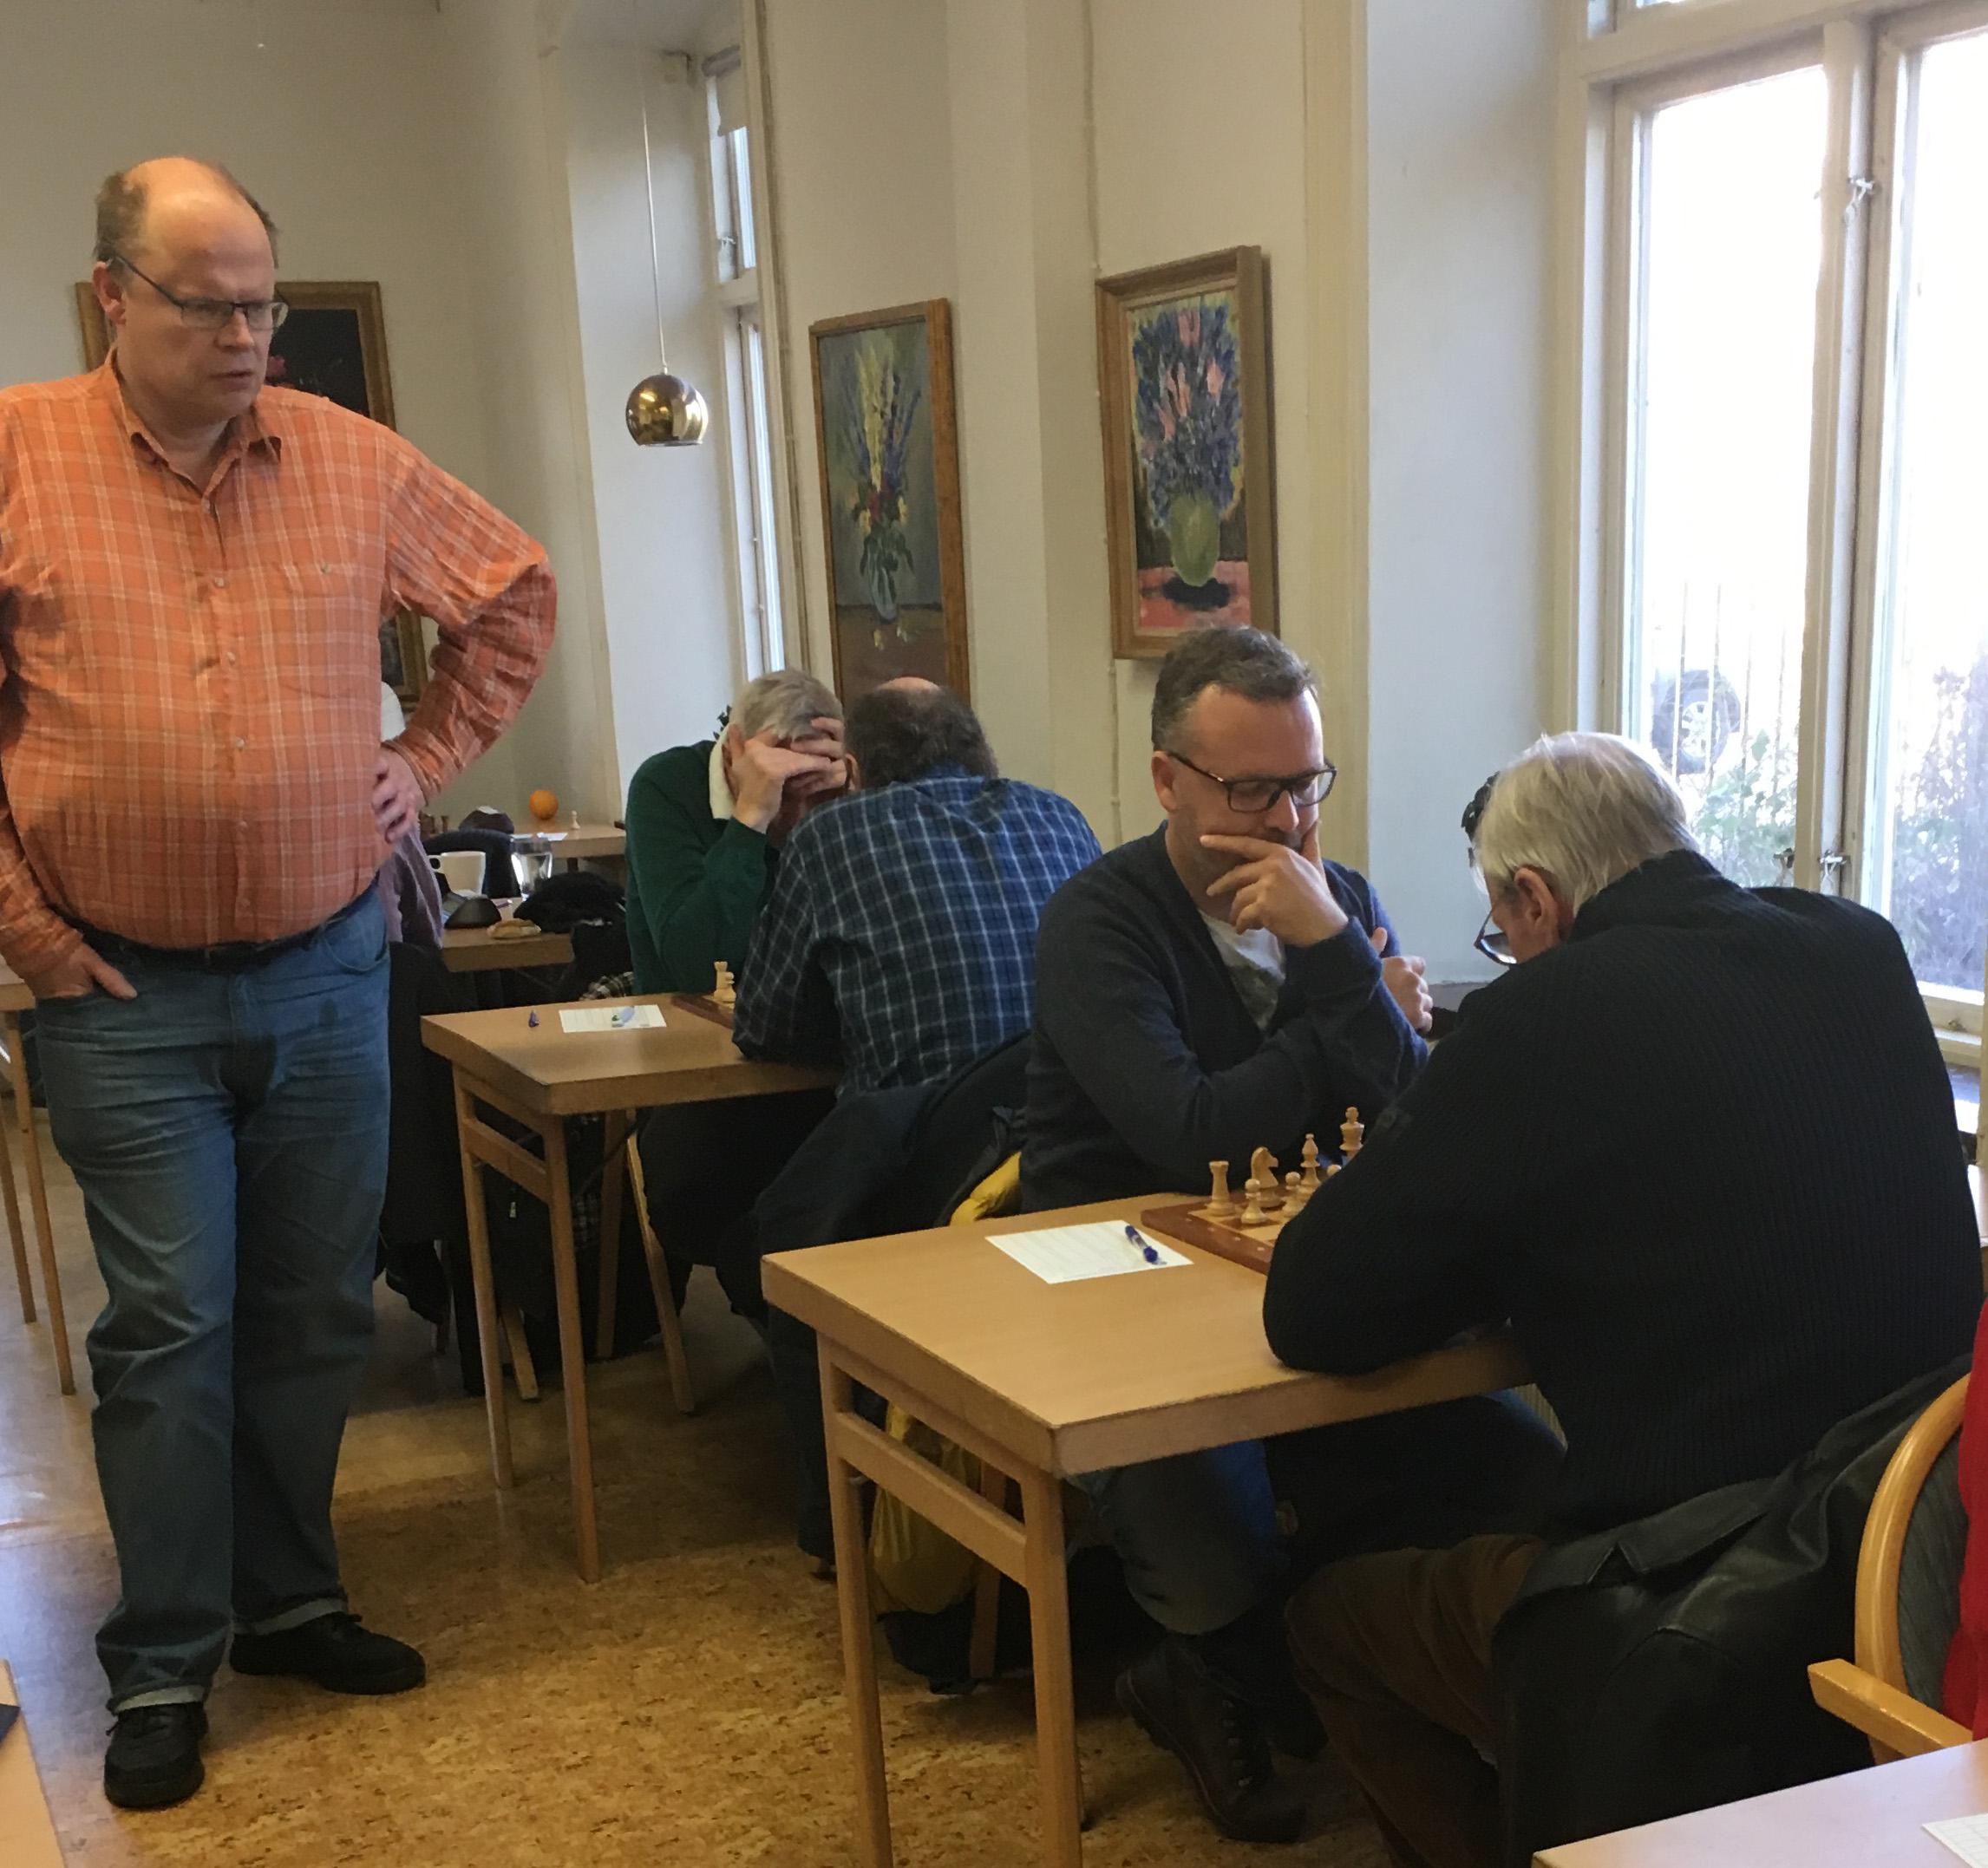 Bent Svensson studerar öppningen mellan Anton Åberg (vit) och Leif Svensson